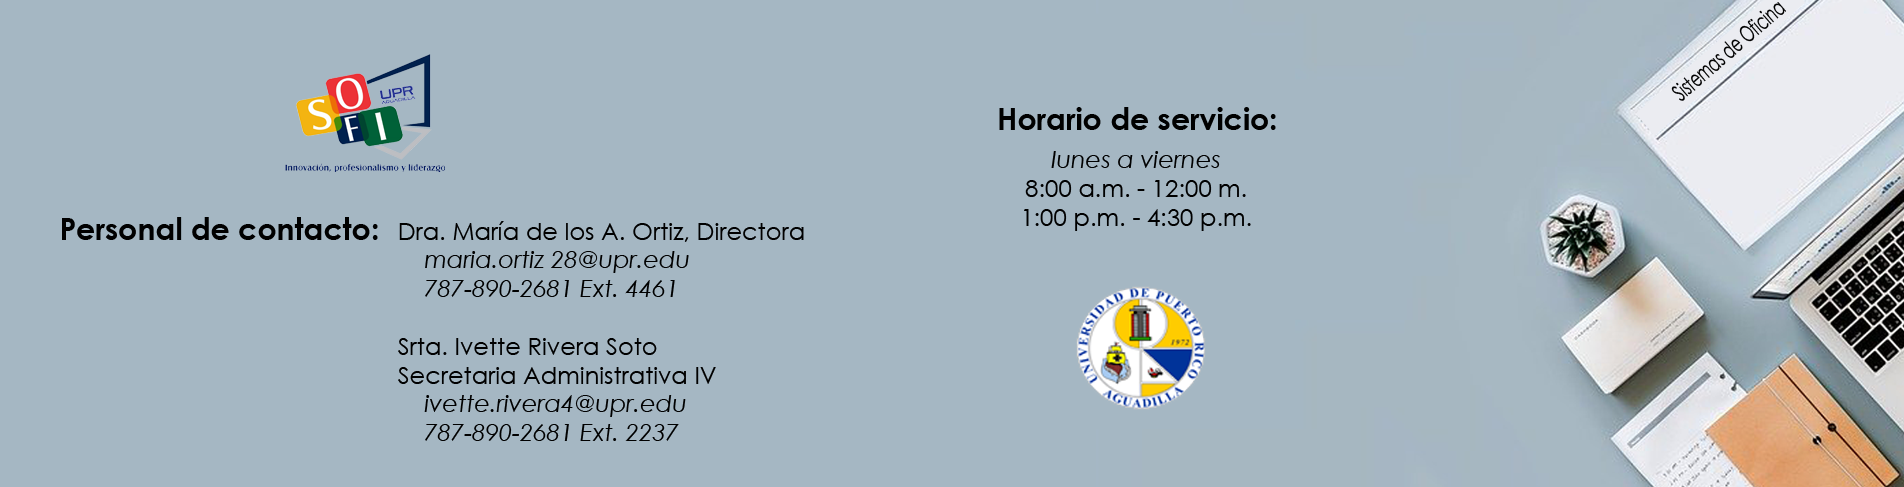 banner con información de contactos: Dra. María de los A. Ortiz 787-890-2681 Ext. 4461 y Srta. Ivette Rivera 787-890-2681 Ext. 2237